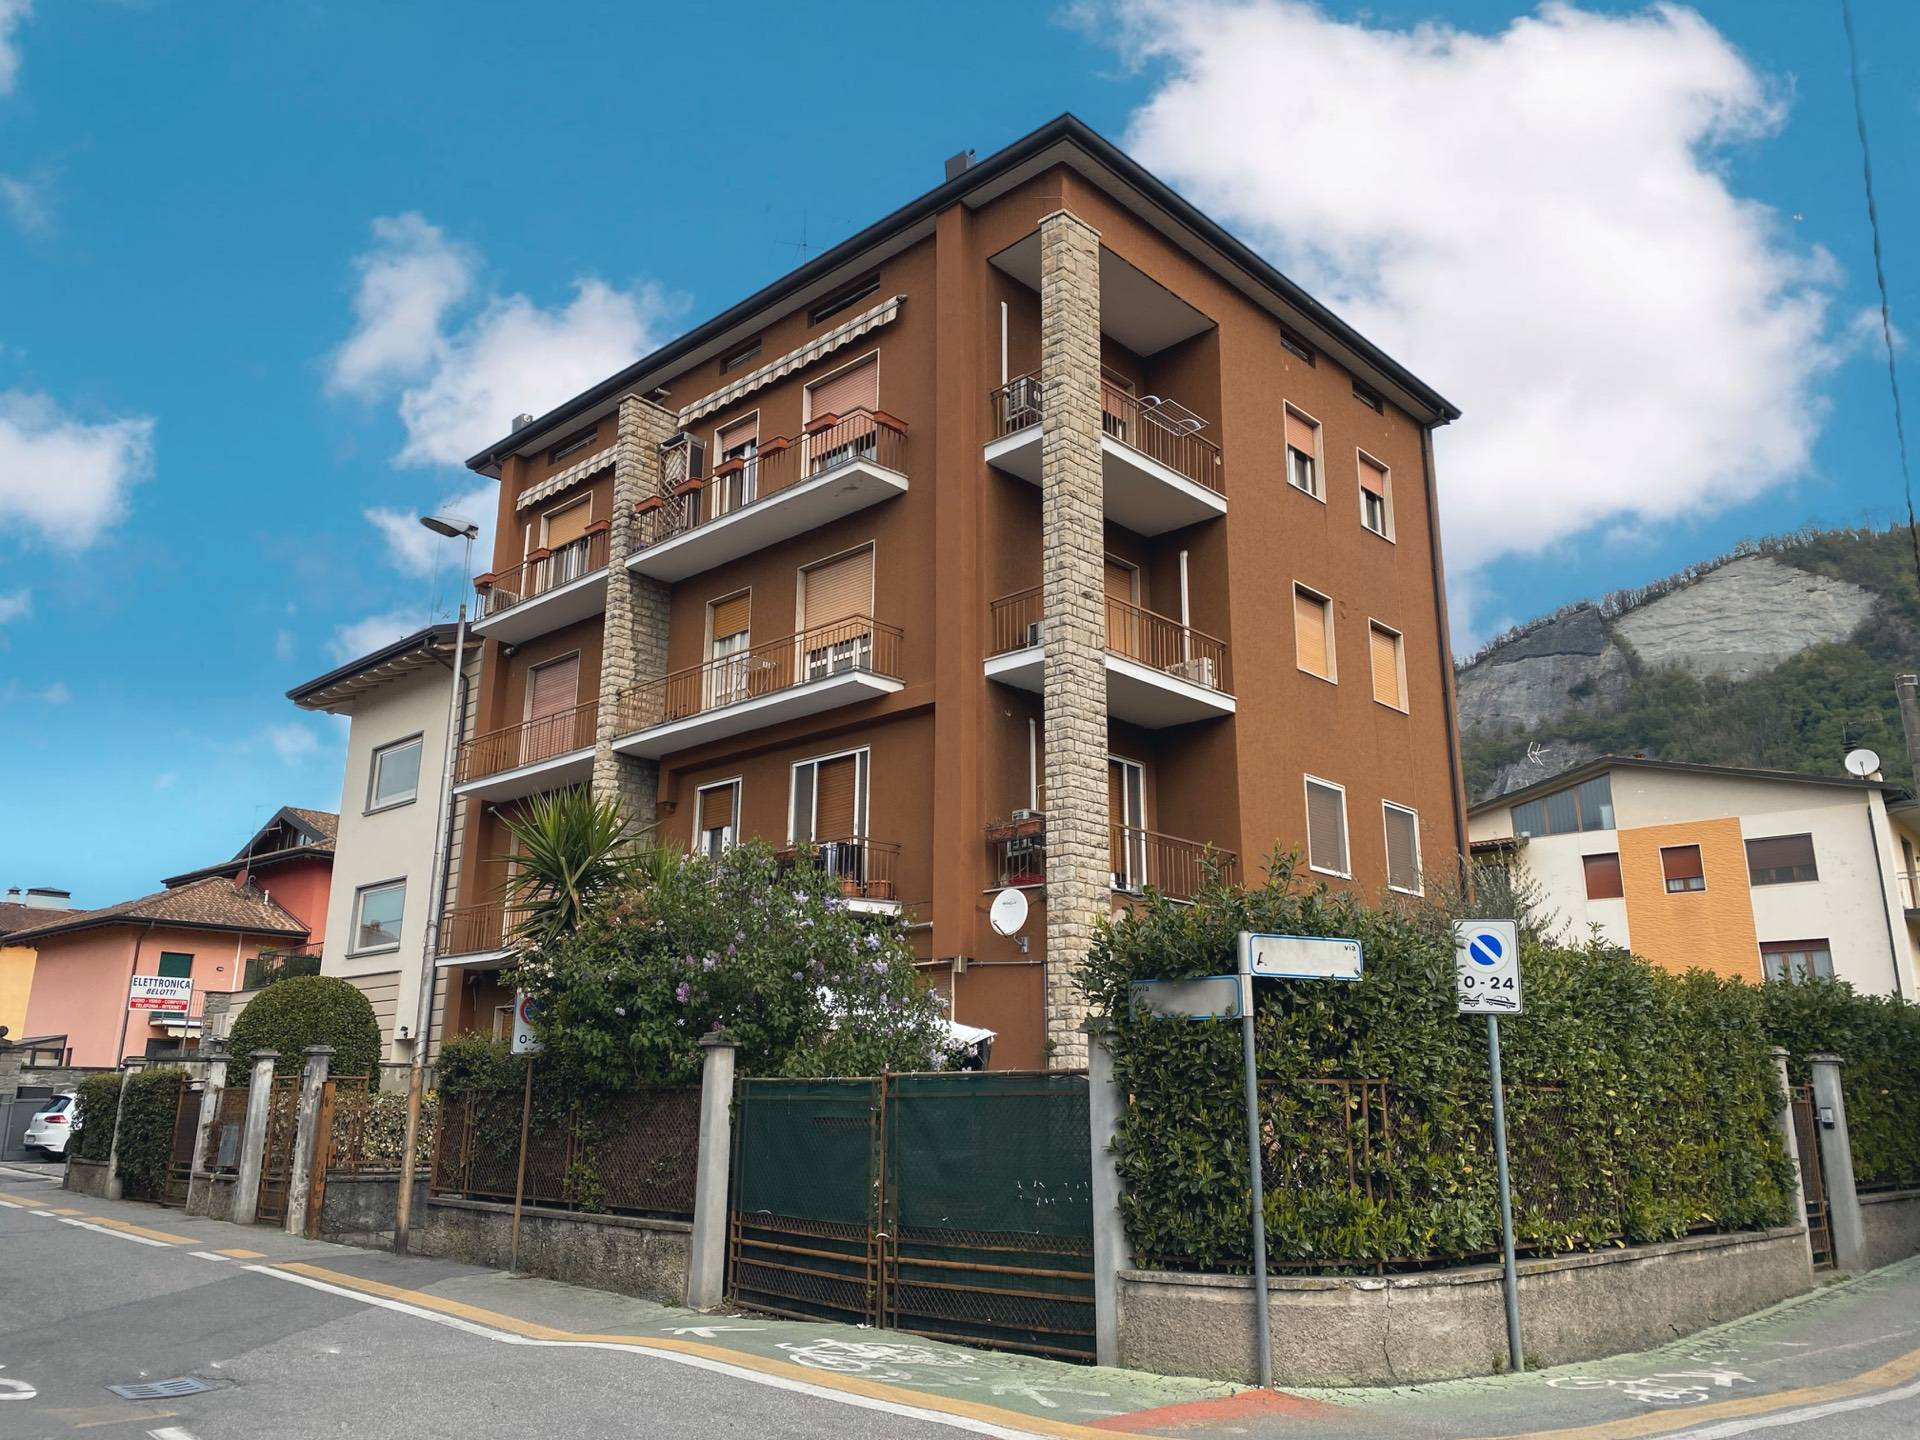 Appartamento in vendita a Sarnico, 3 locali, prezzo € 79.990 | PortaleAgenzieImmobiliari.it